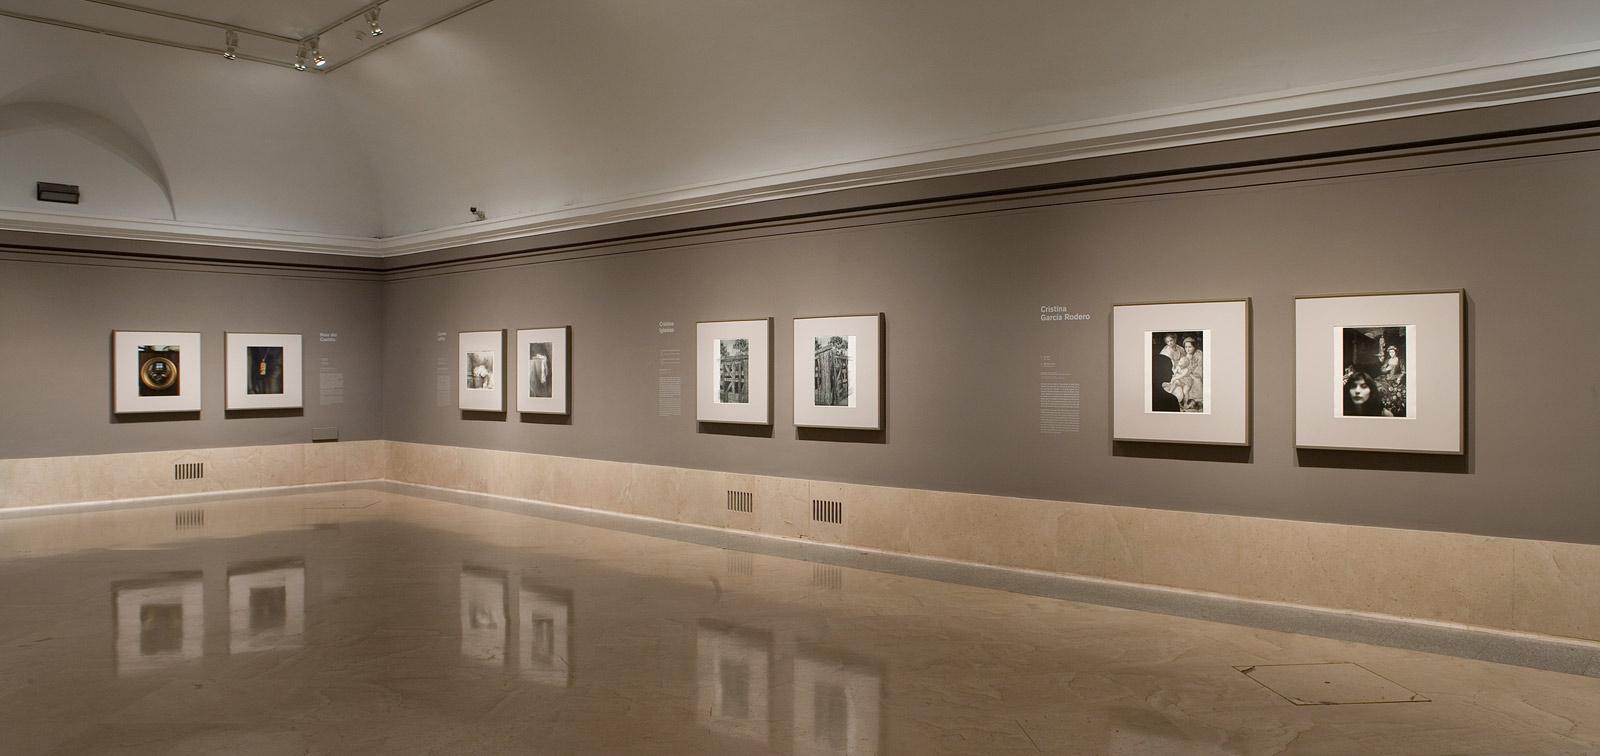 Doce artistas en el Museo del Prado